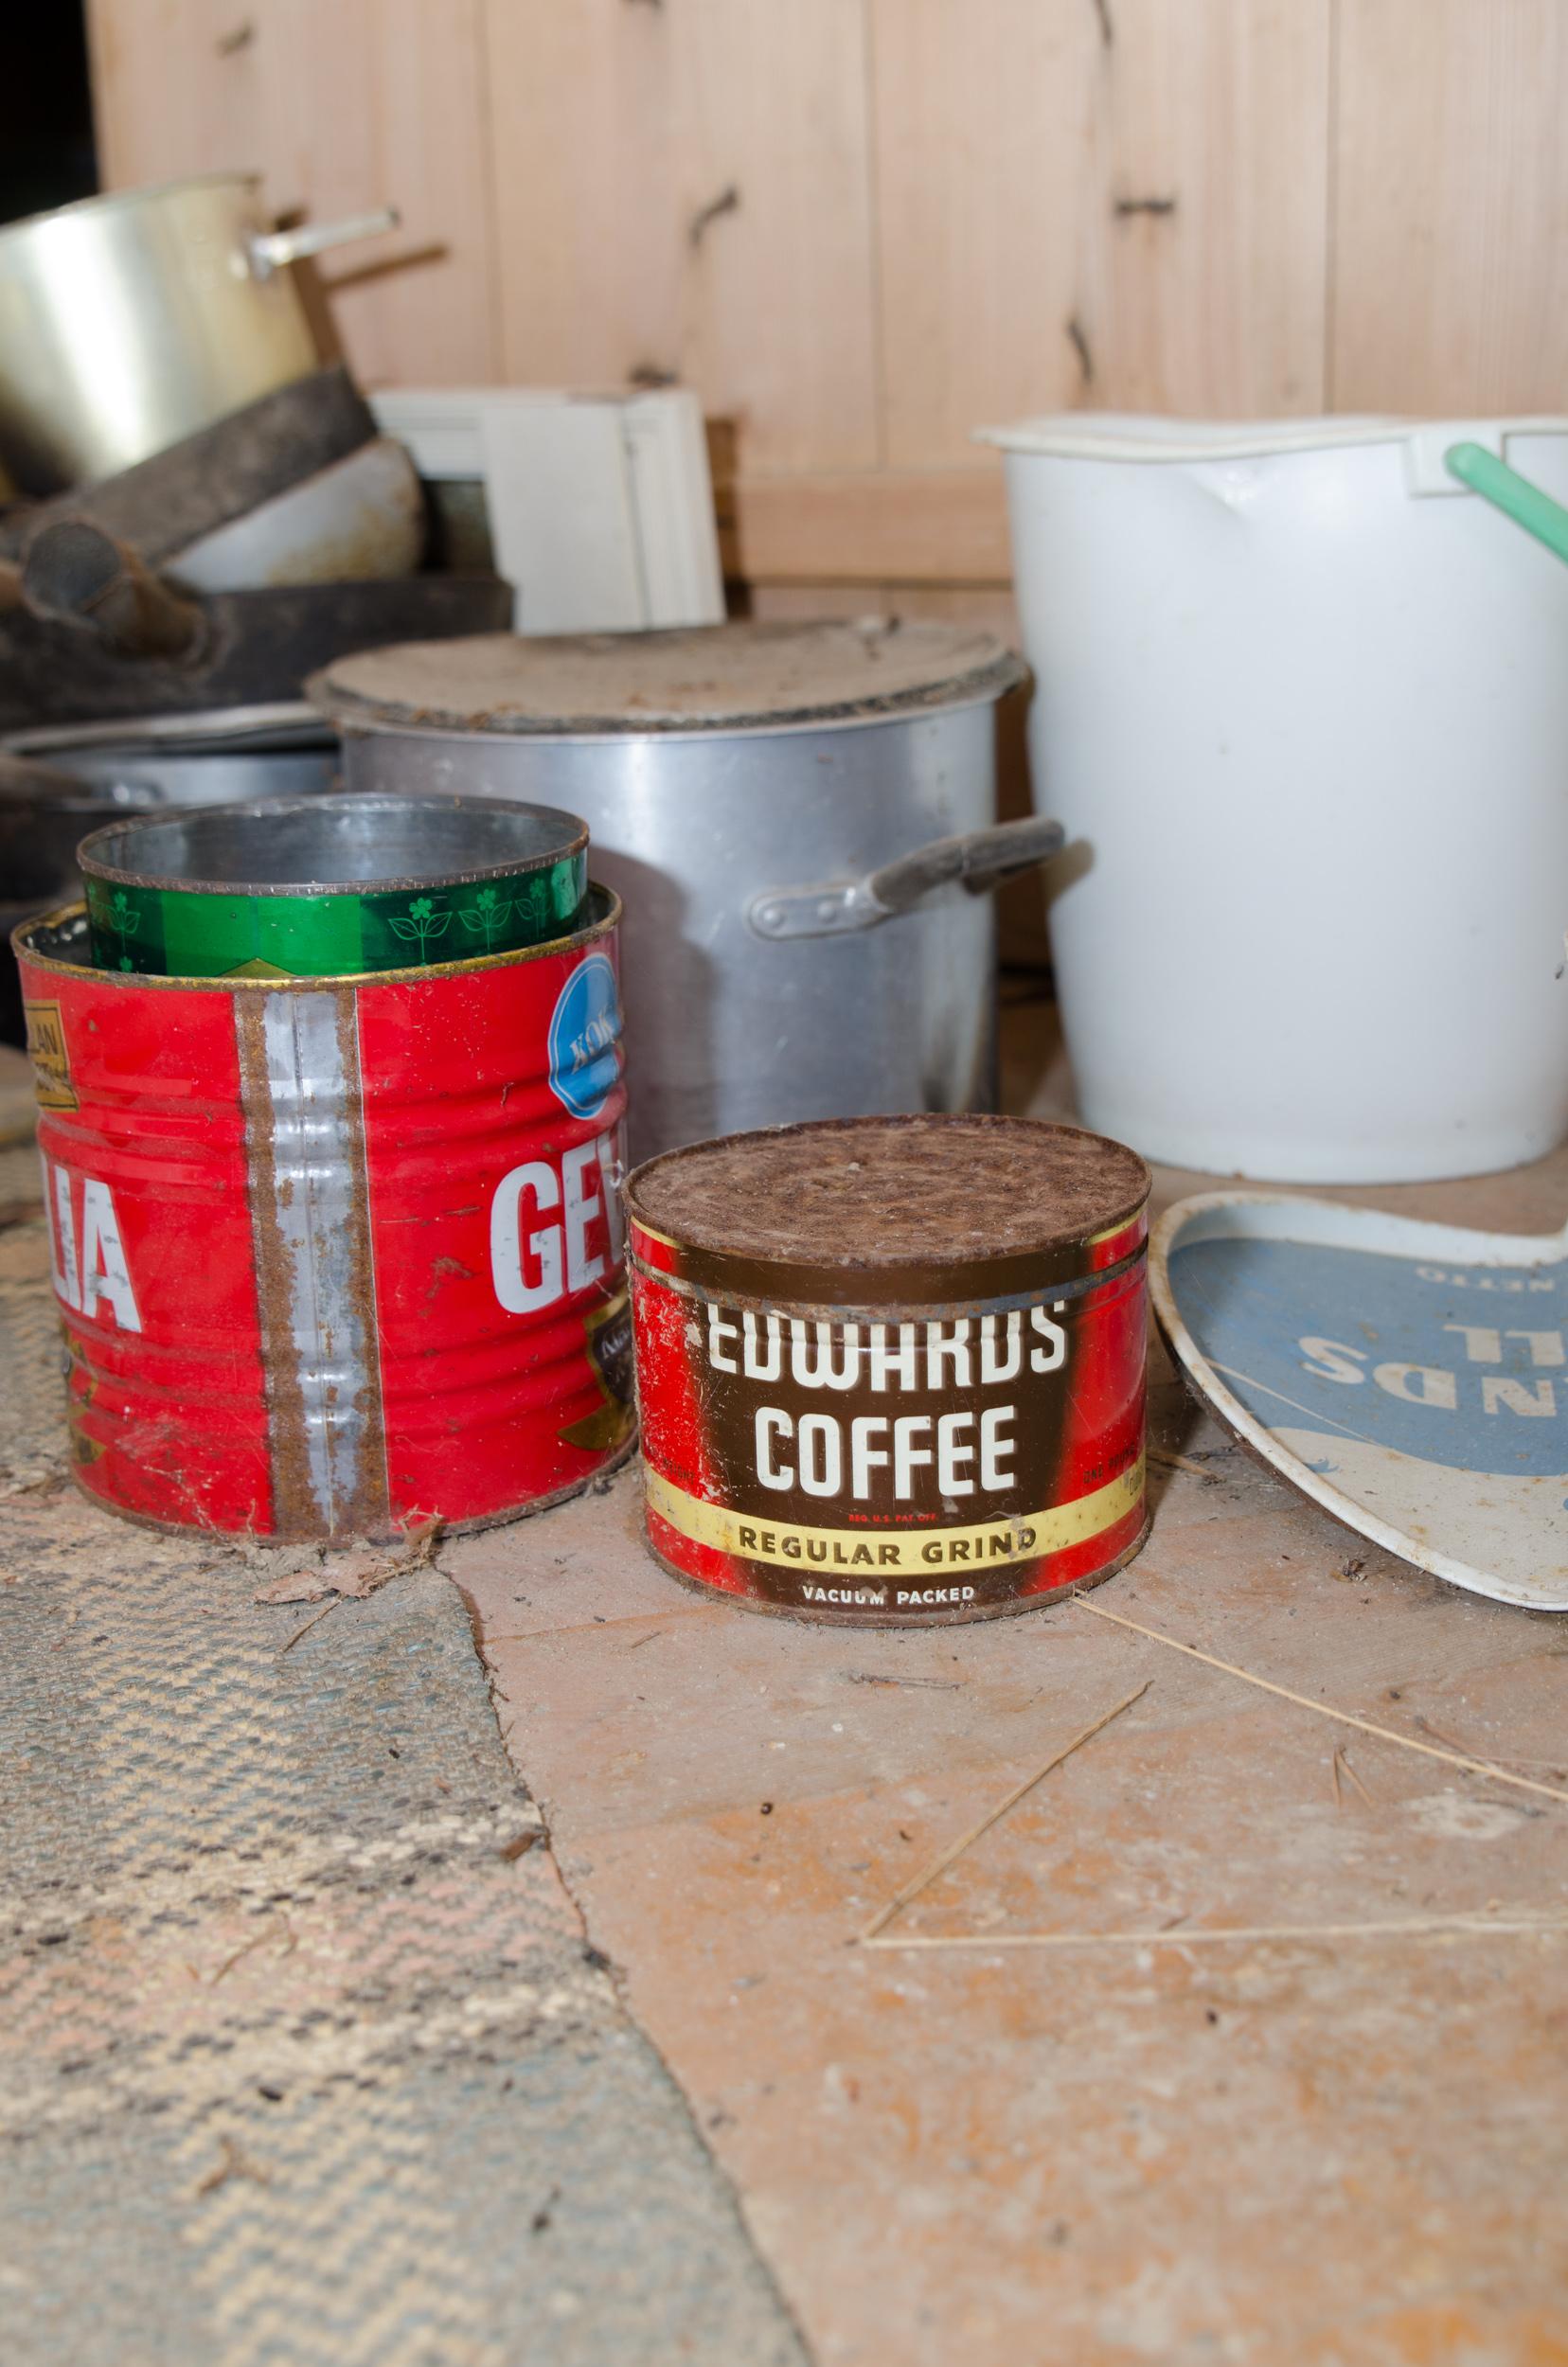 Ödehus i Övertorneå. Vissa varumärken har överlevt, inte andra. Någon som druckit Edwards Coffee?